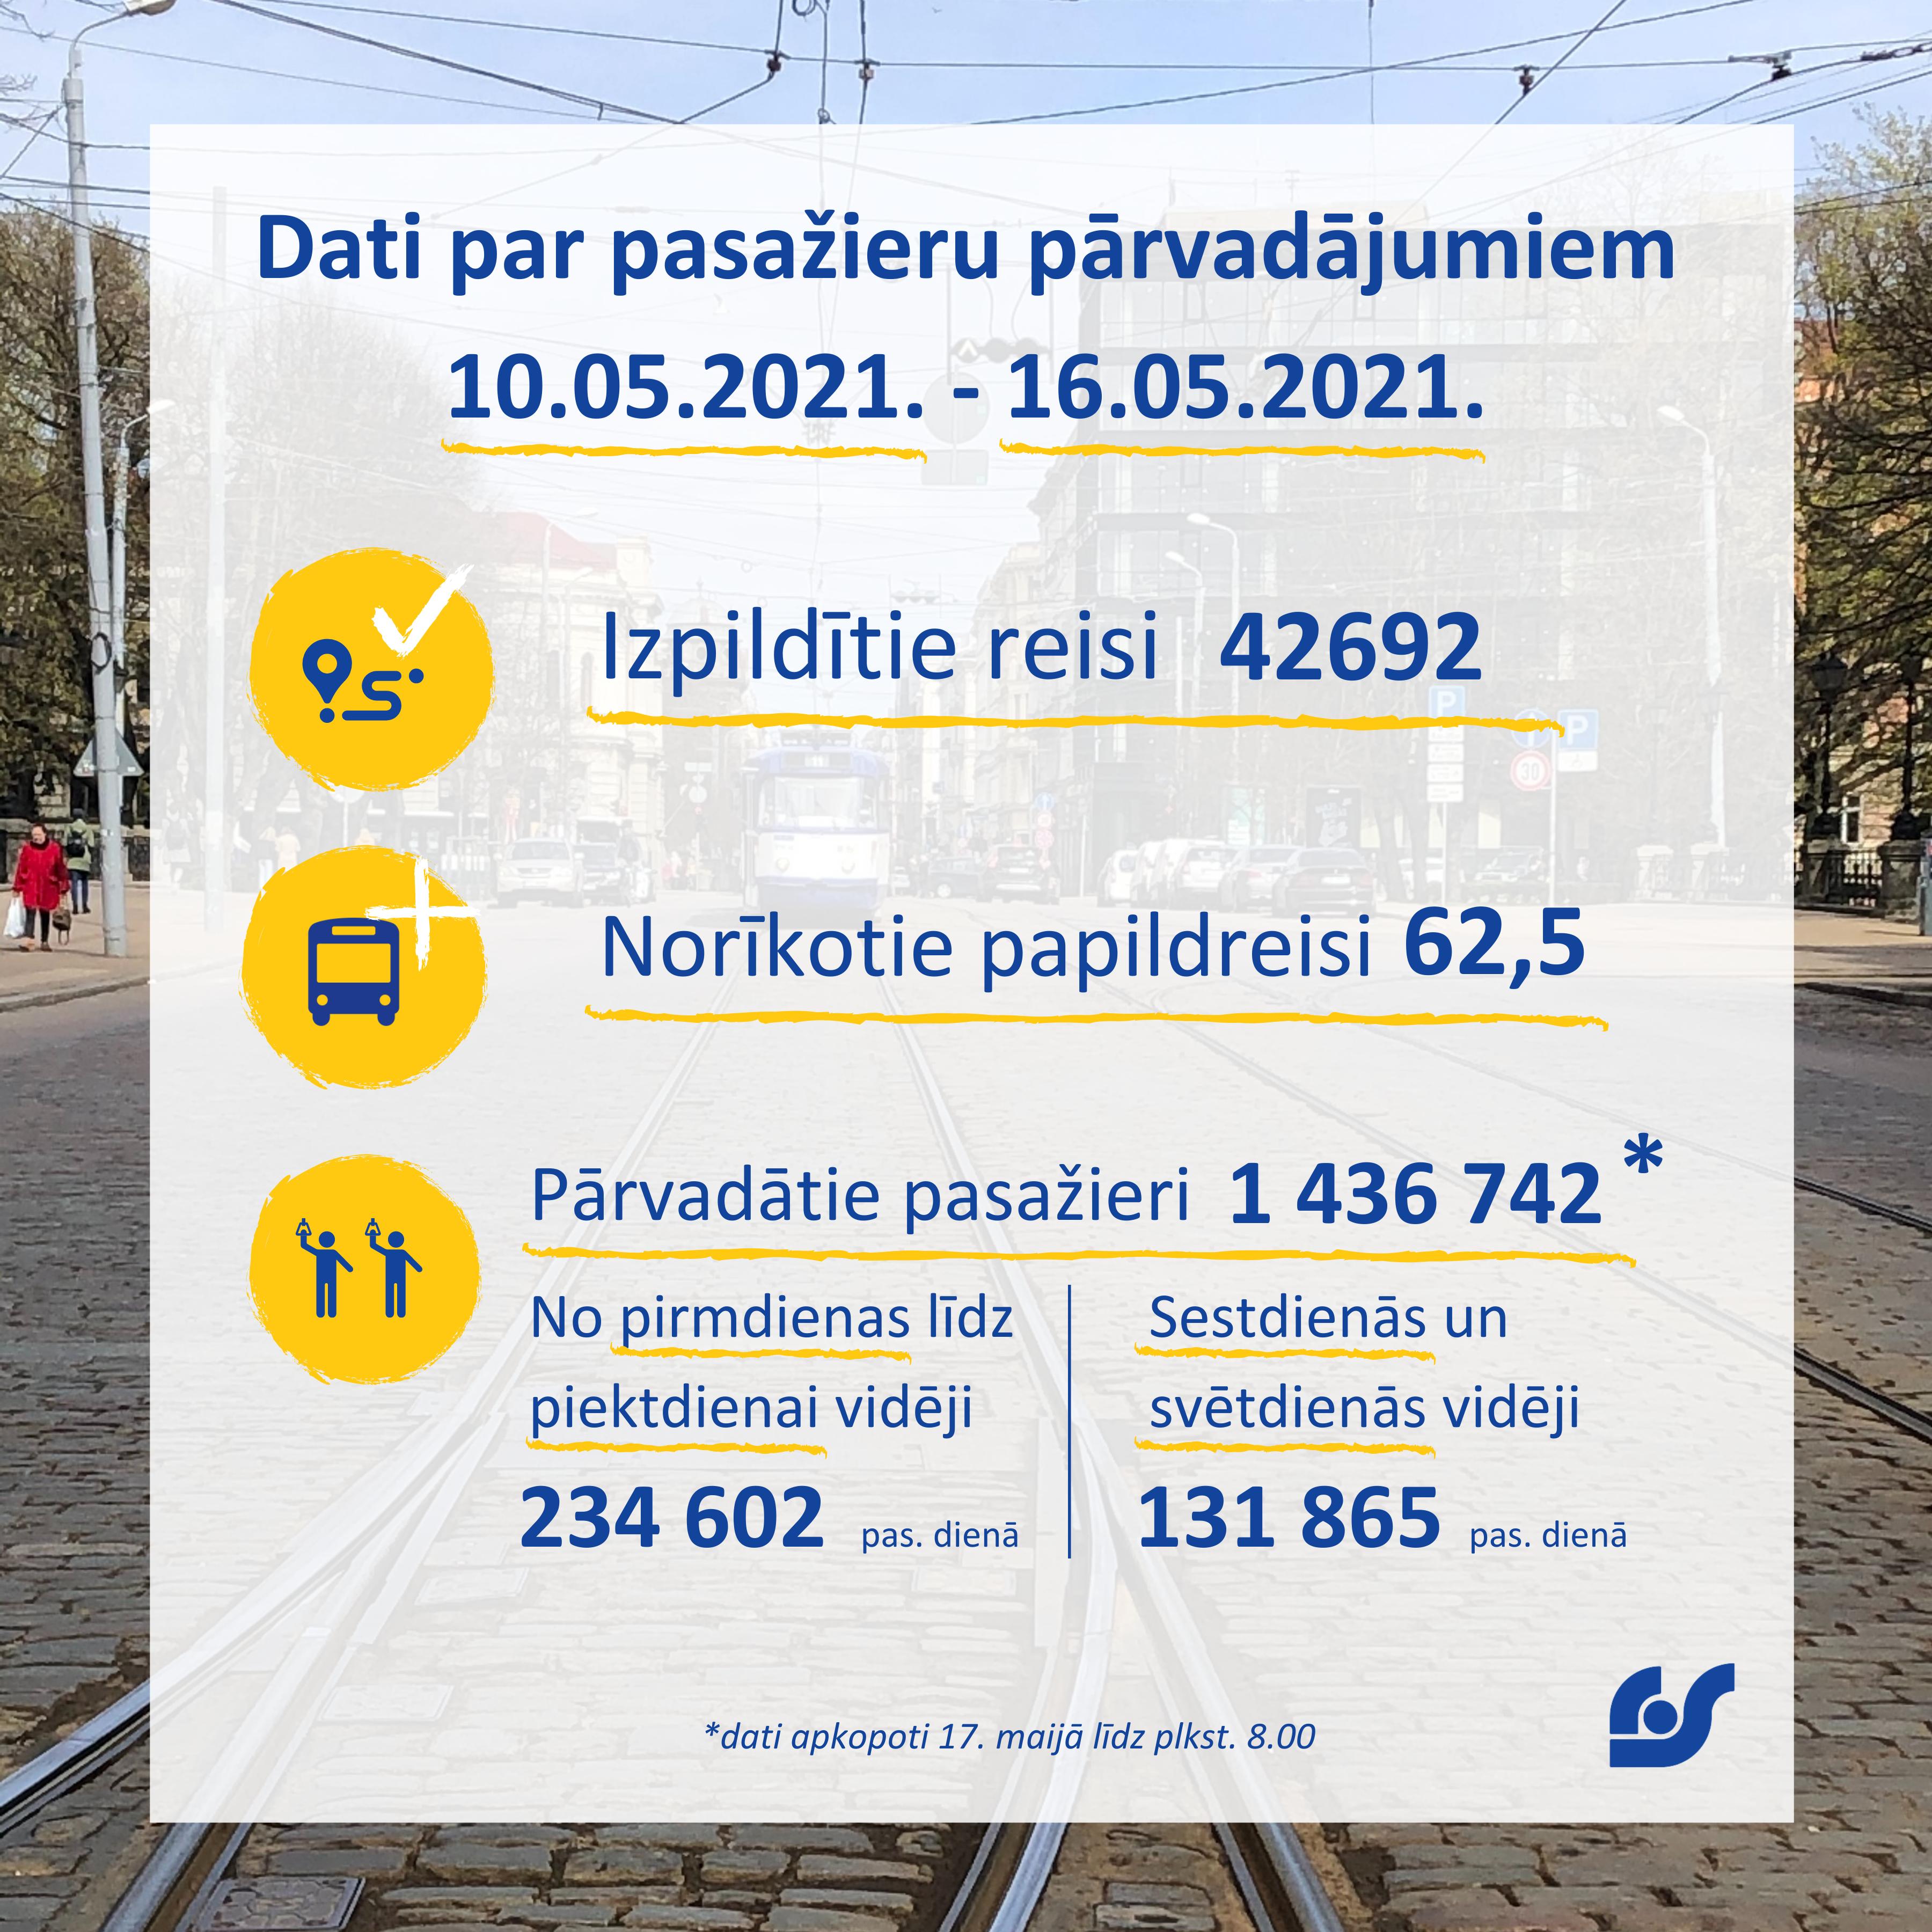 Dati par pasažieru pārvadājumiem (2).png